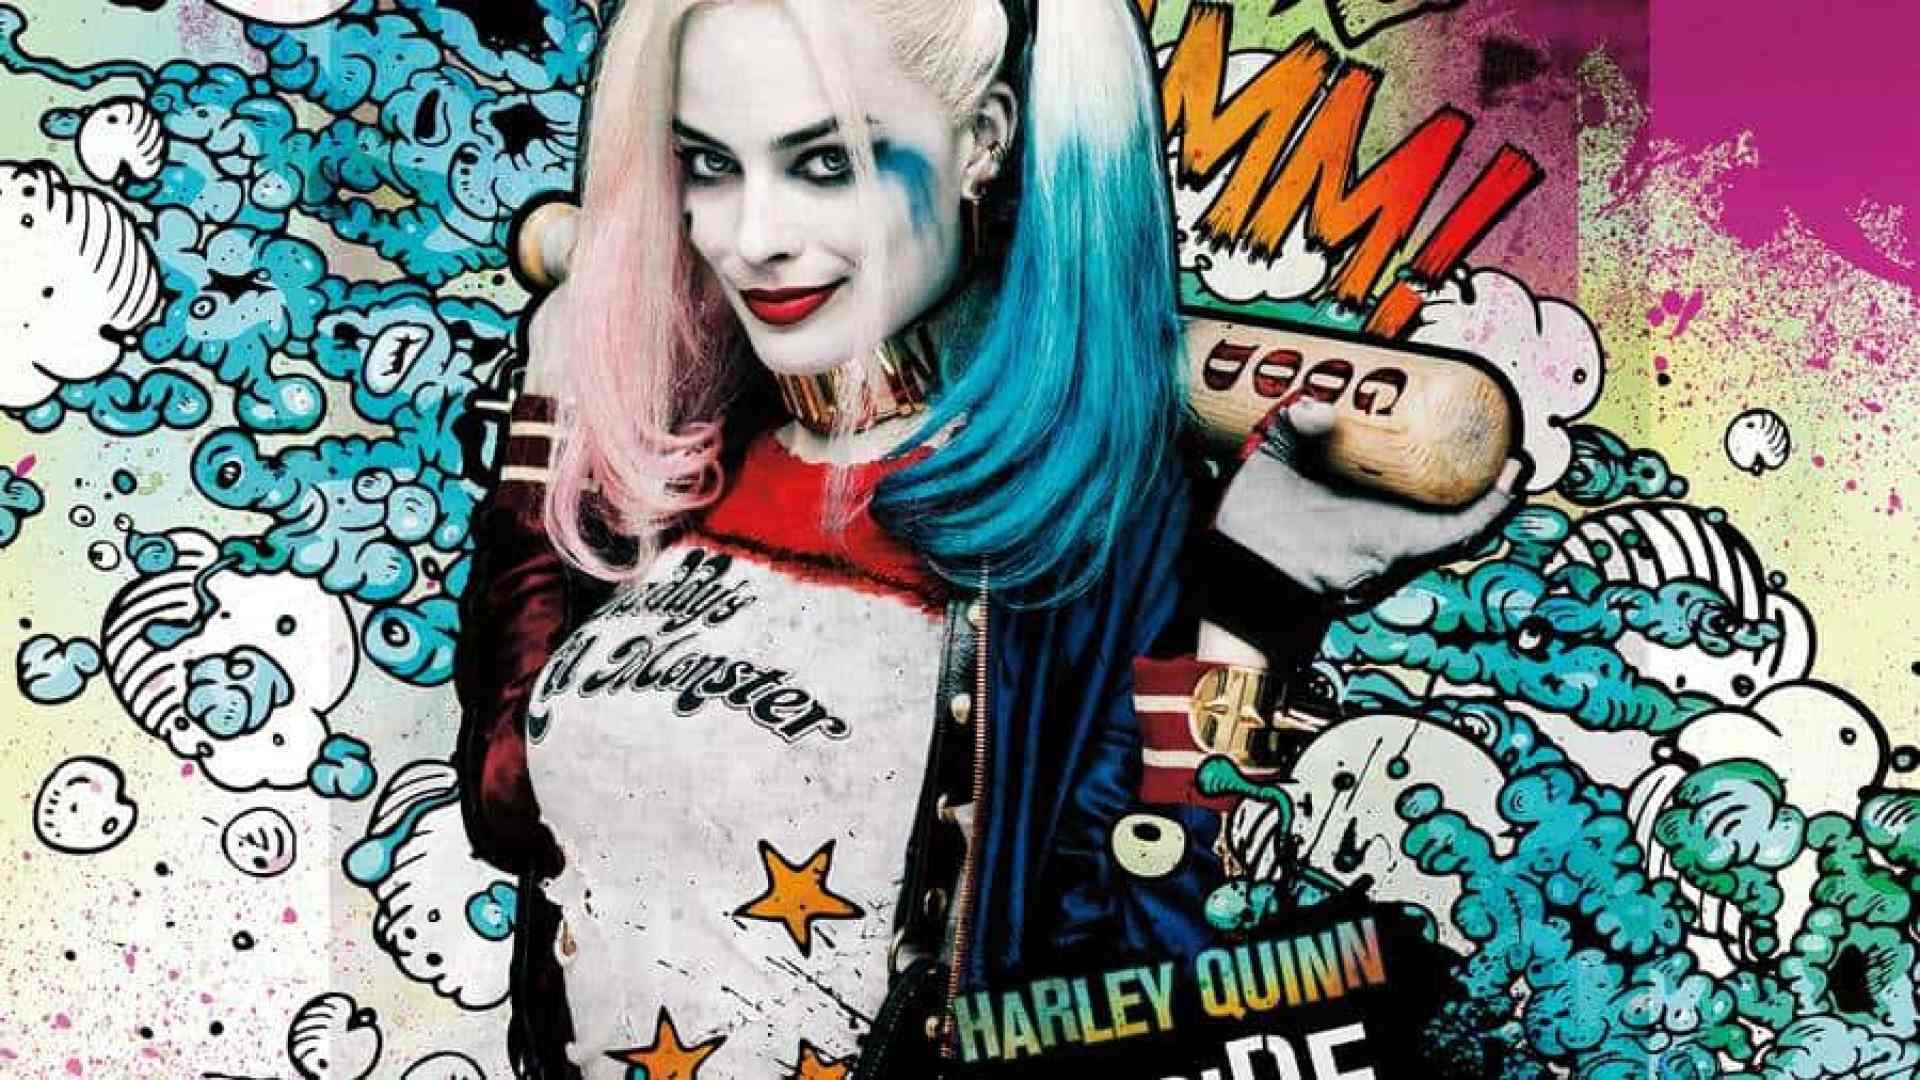 Harley Quinn DC (Margot Robbie)